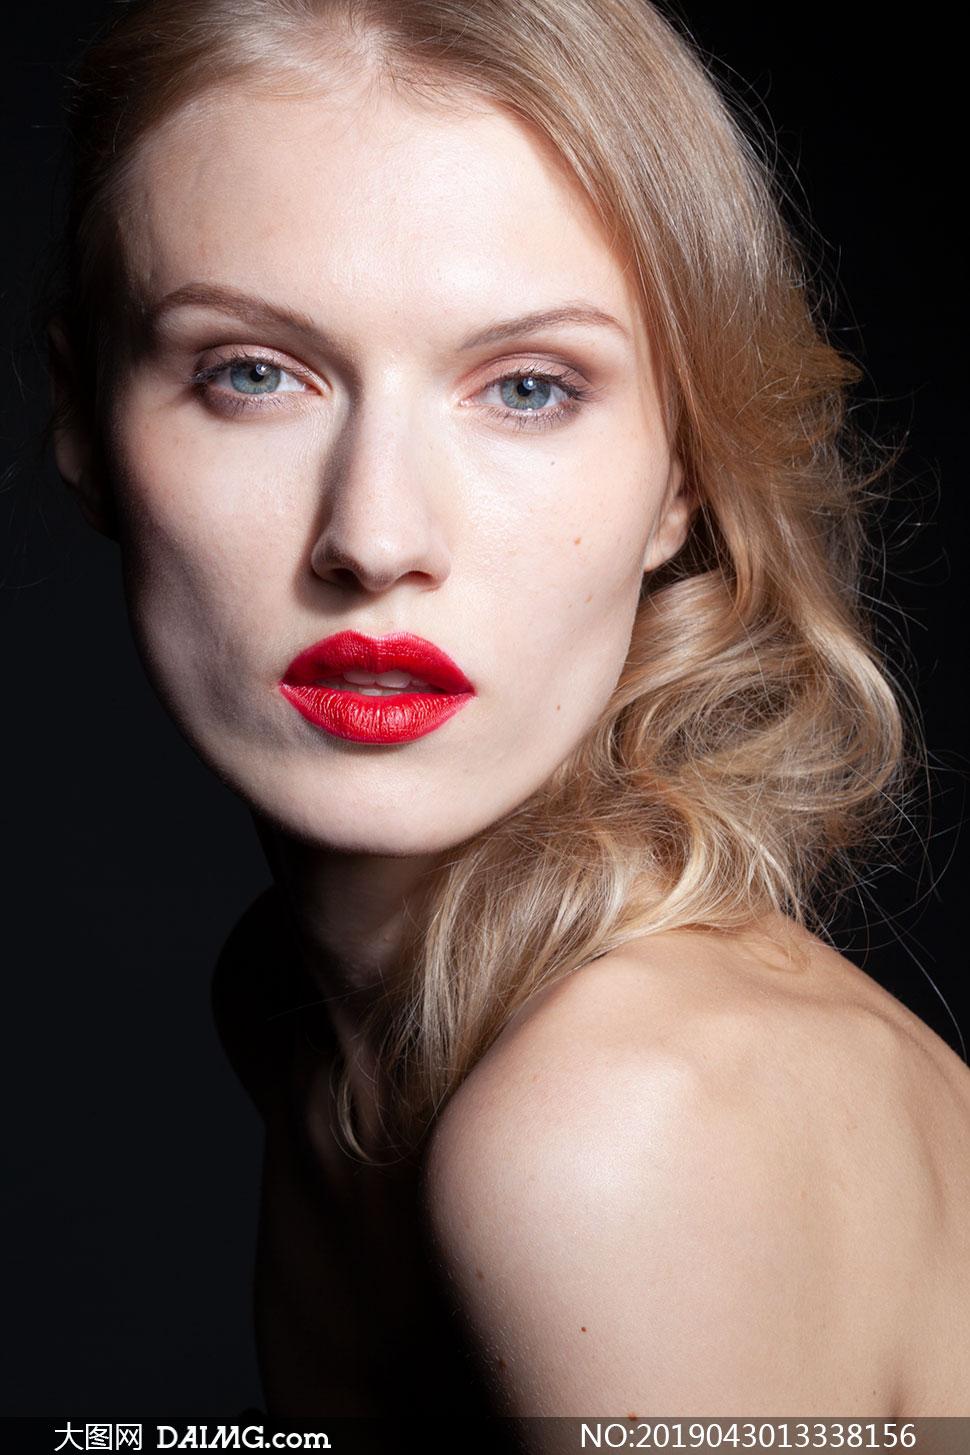 消瘦丝袜素材美女人像摄影红唇面容-大图网素美女裤原片穿过图片